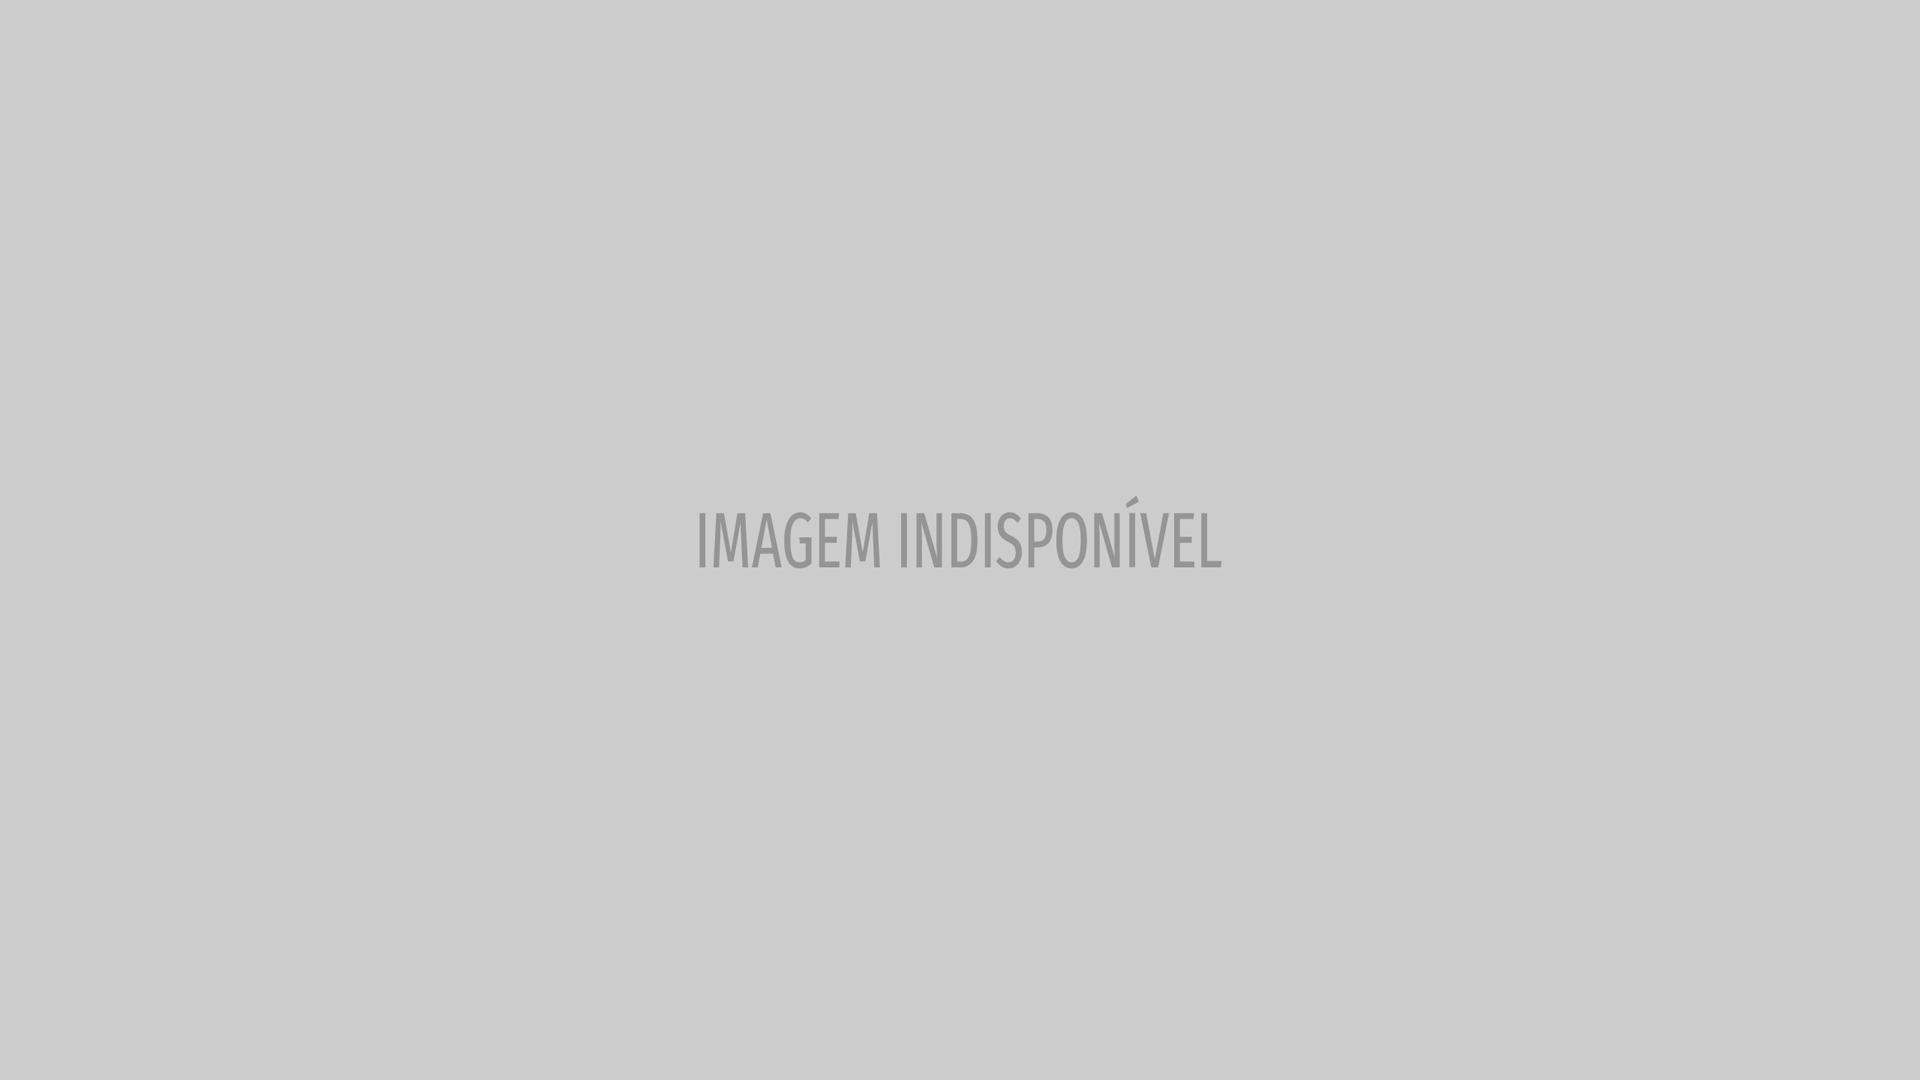 Sem herdeiros na família, Eva Todor deixa fortuna para 3 funcionários